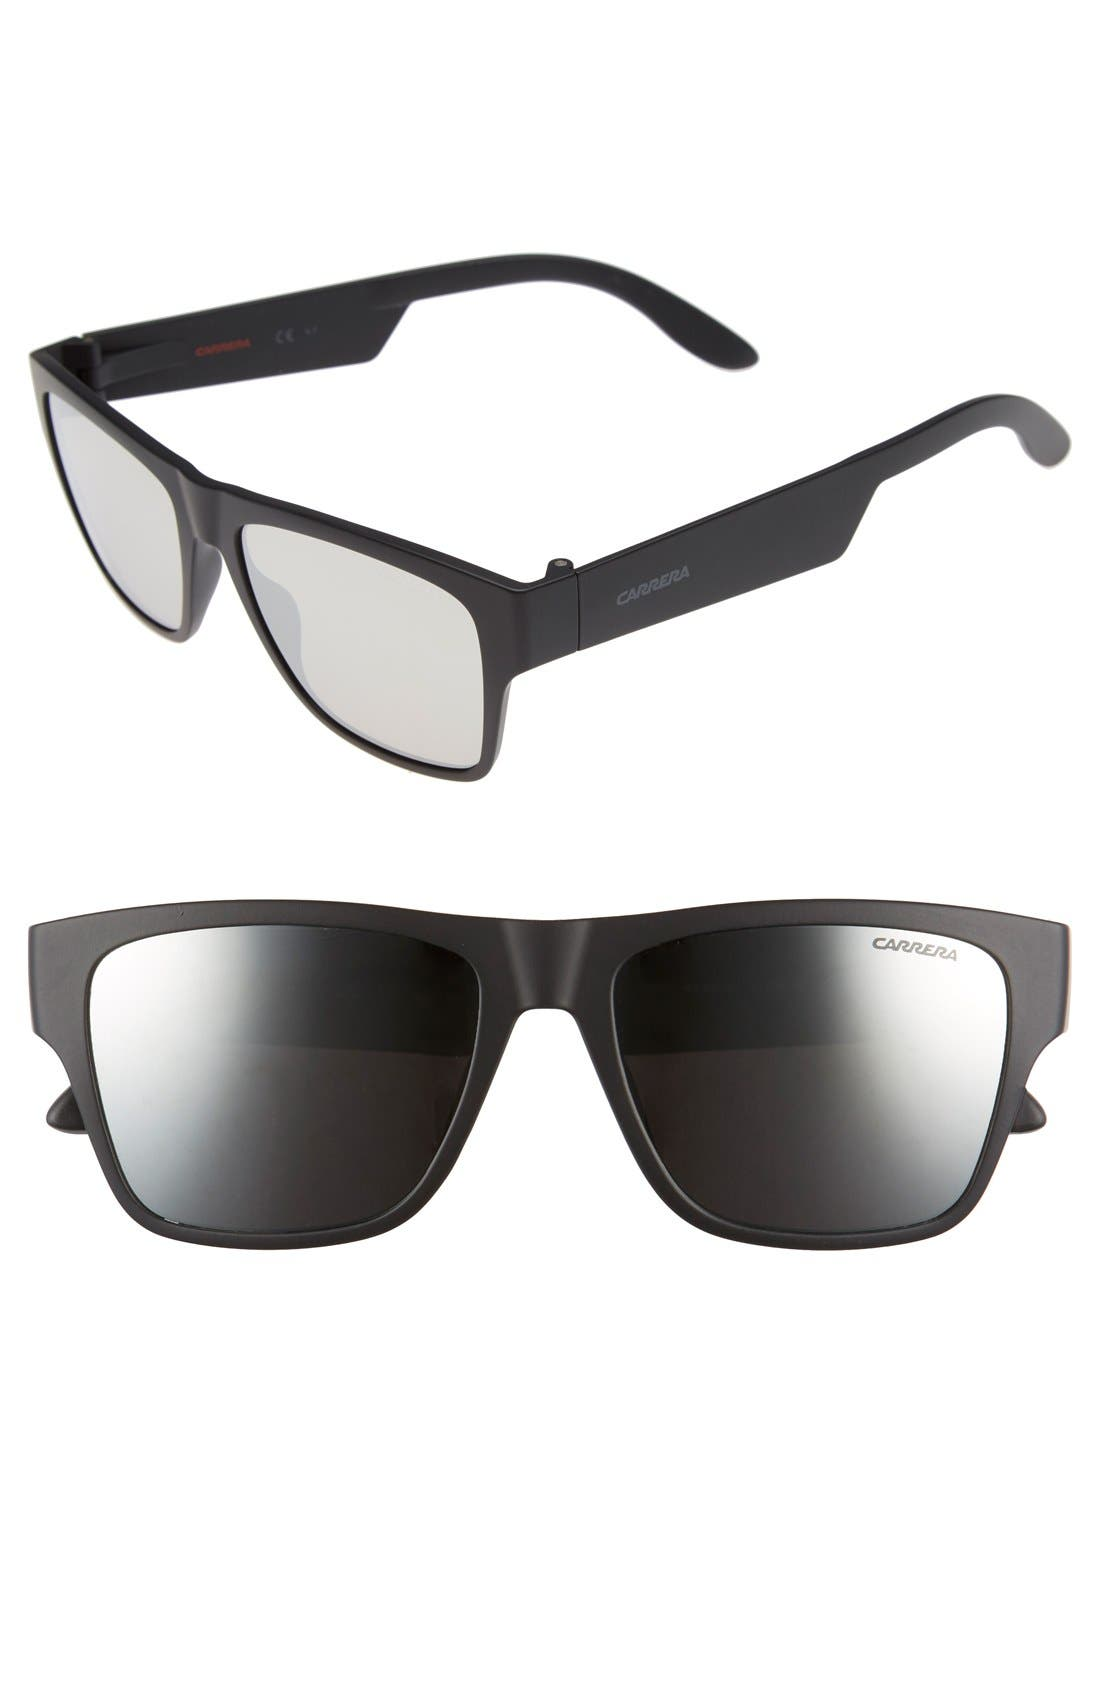 55mm Retro Sunglasses,                         Main,                         color, MATTE BLACK/ BLACK